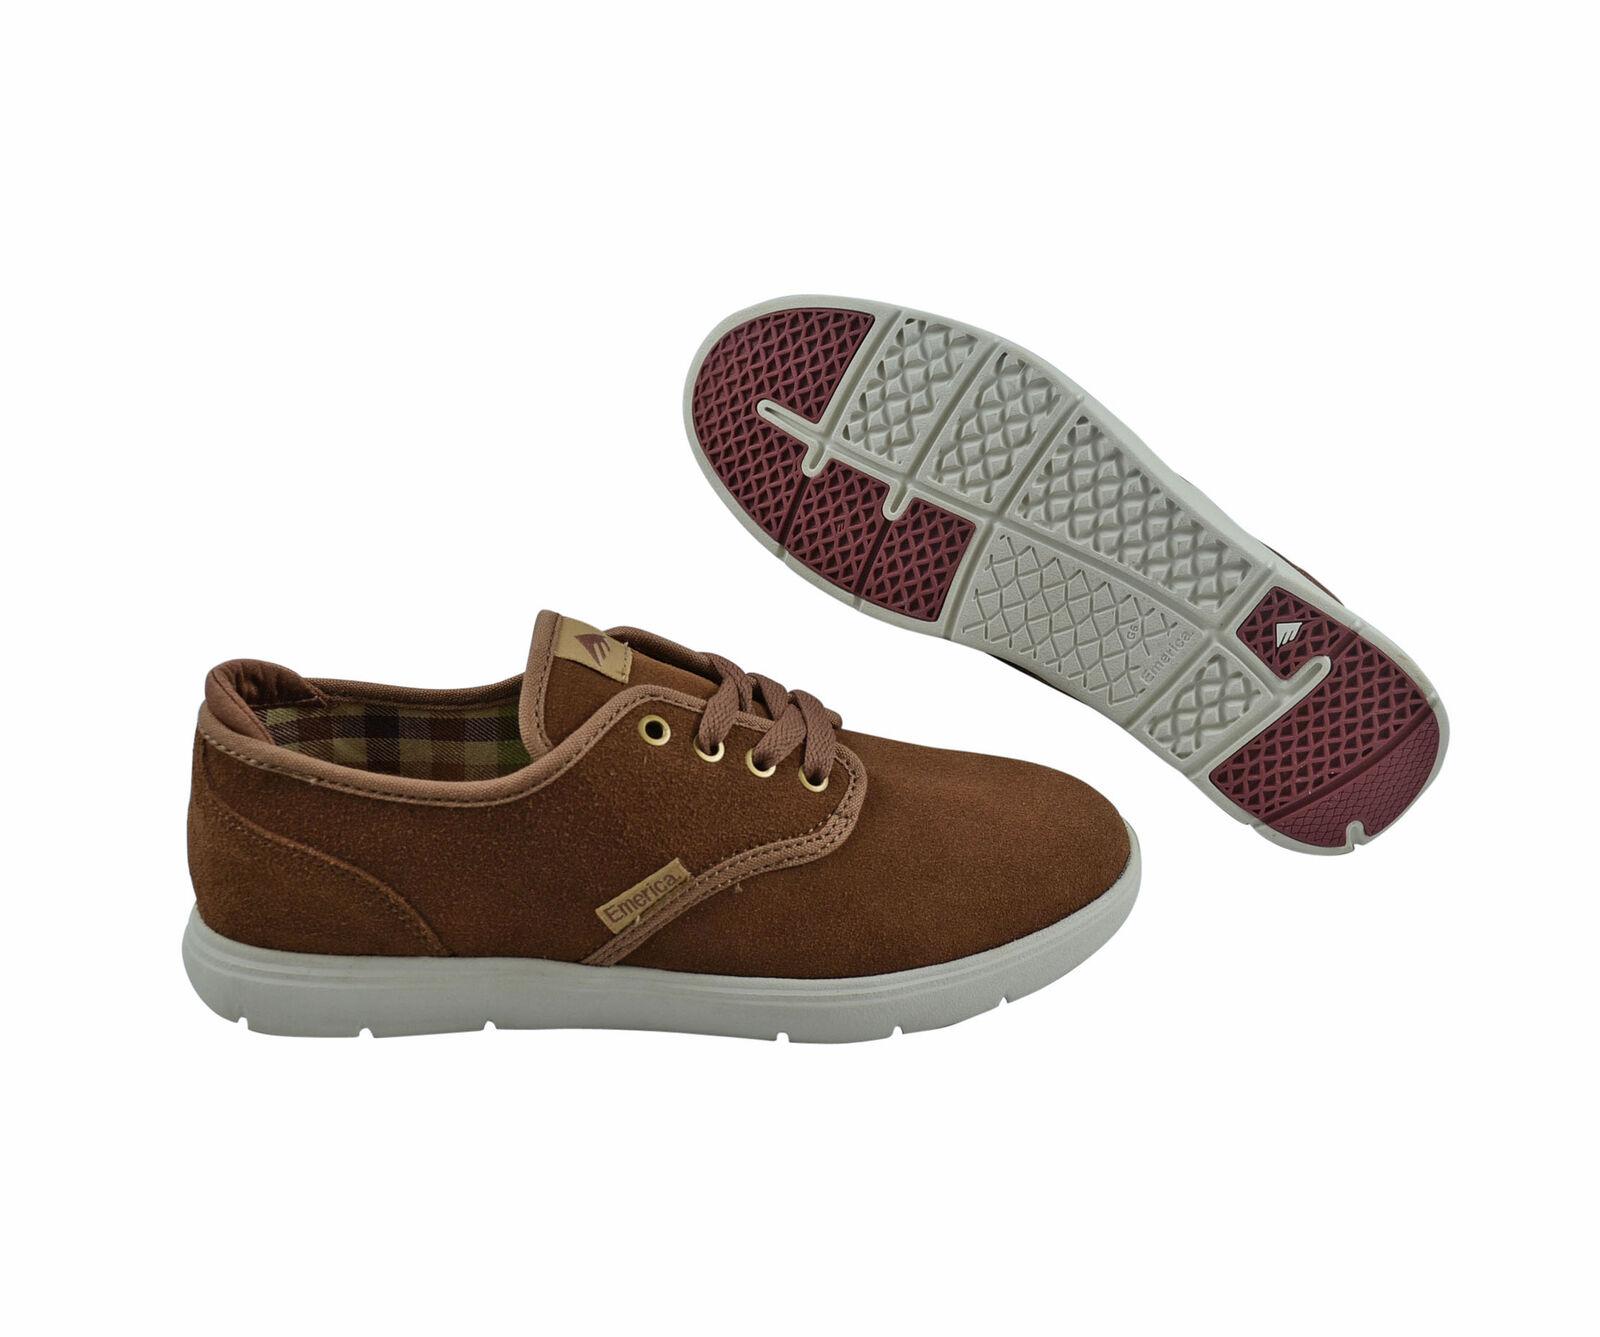 Emerica wino Cruiser Cruiser wino LT Marrón/Marrón skater Sneaker/zapatos marrón 9d8516